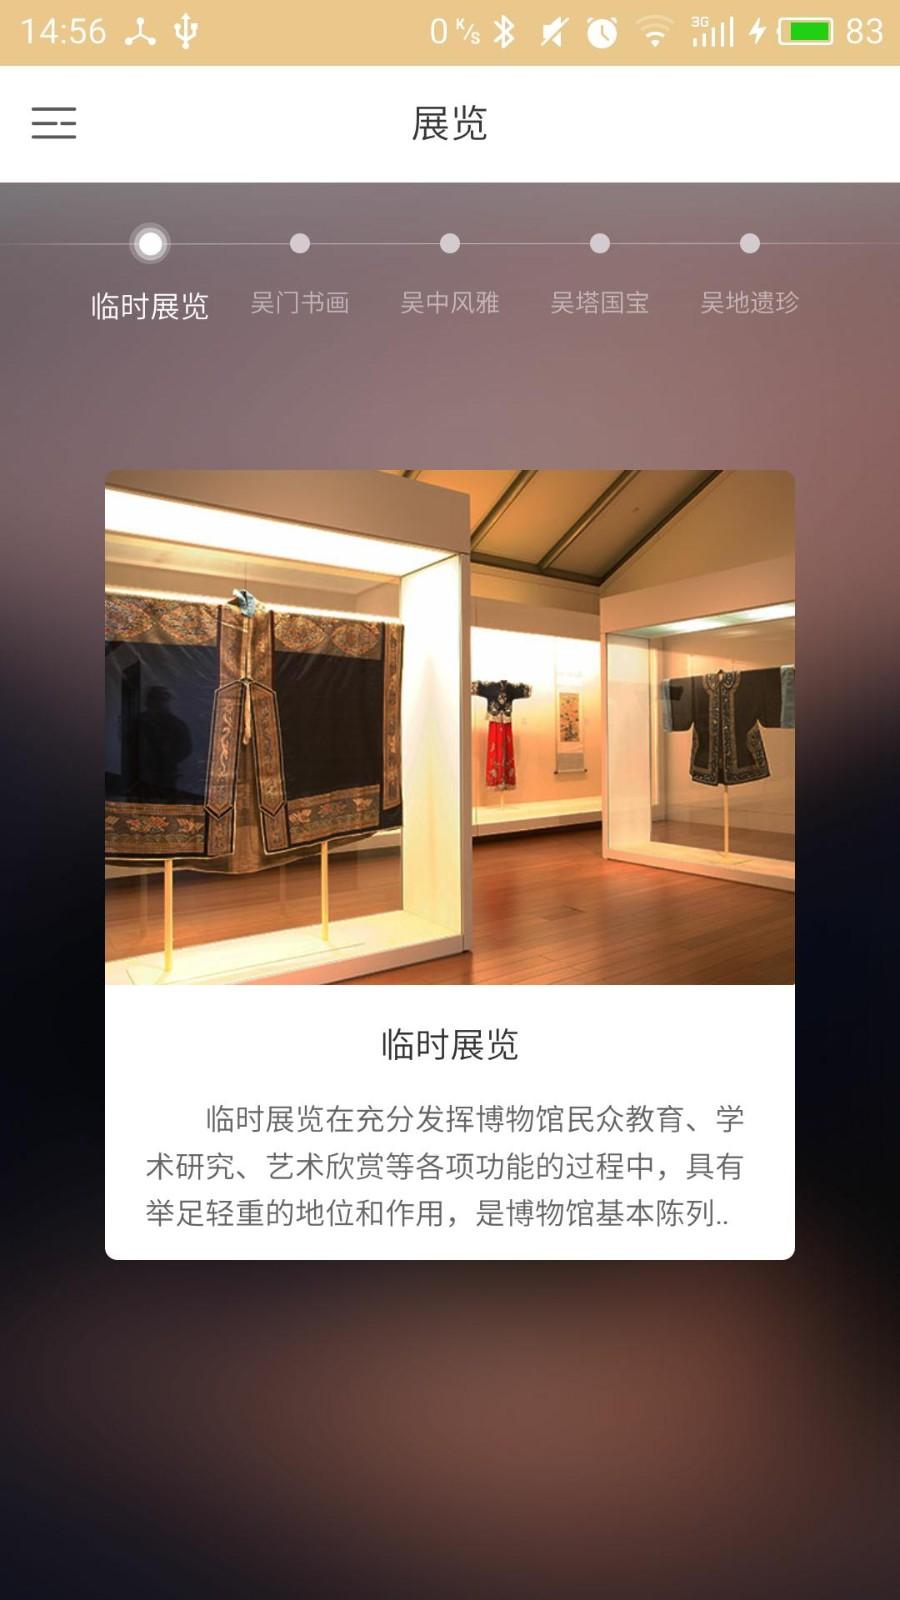 苏州博物馆截图2